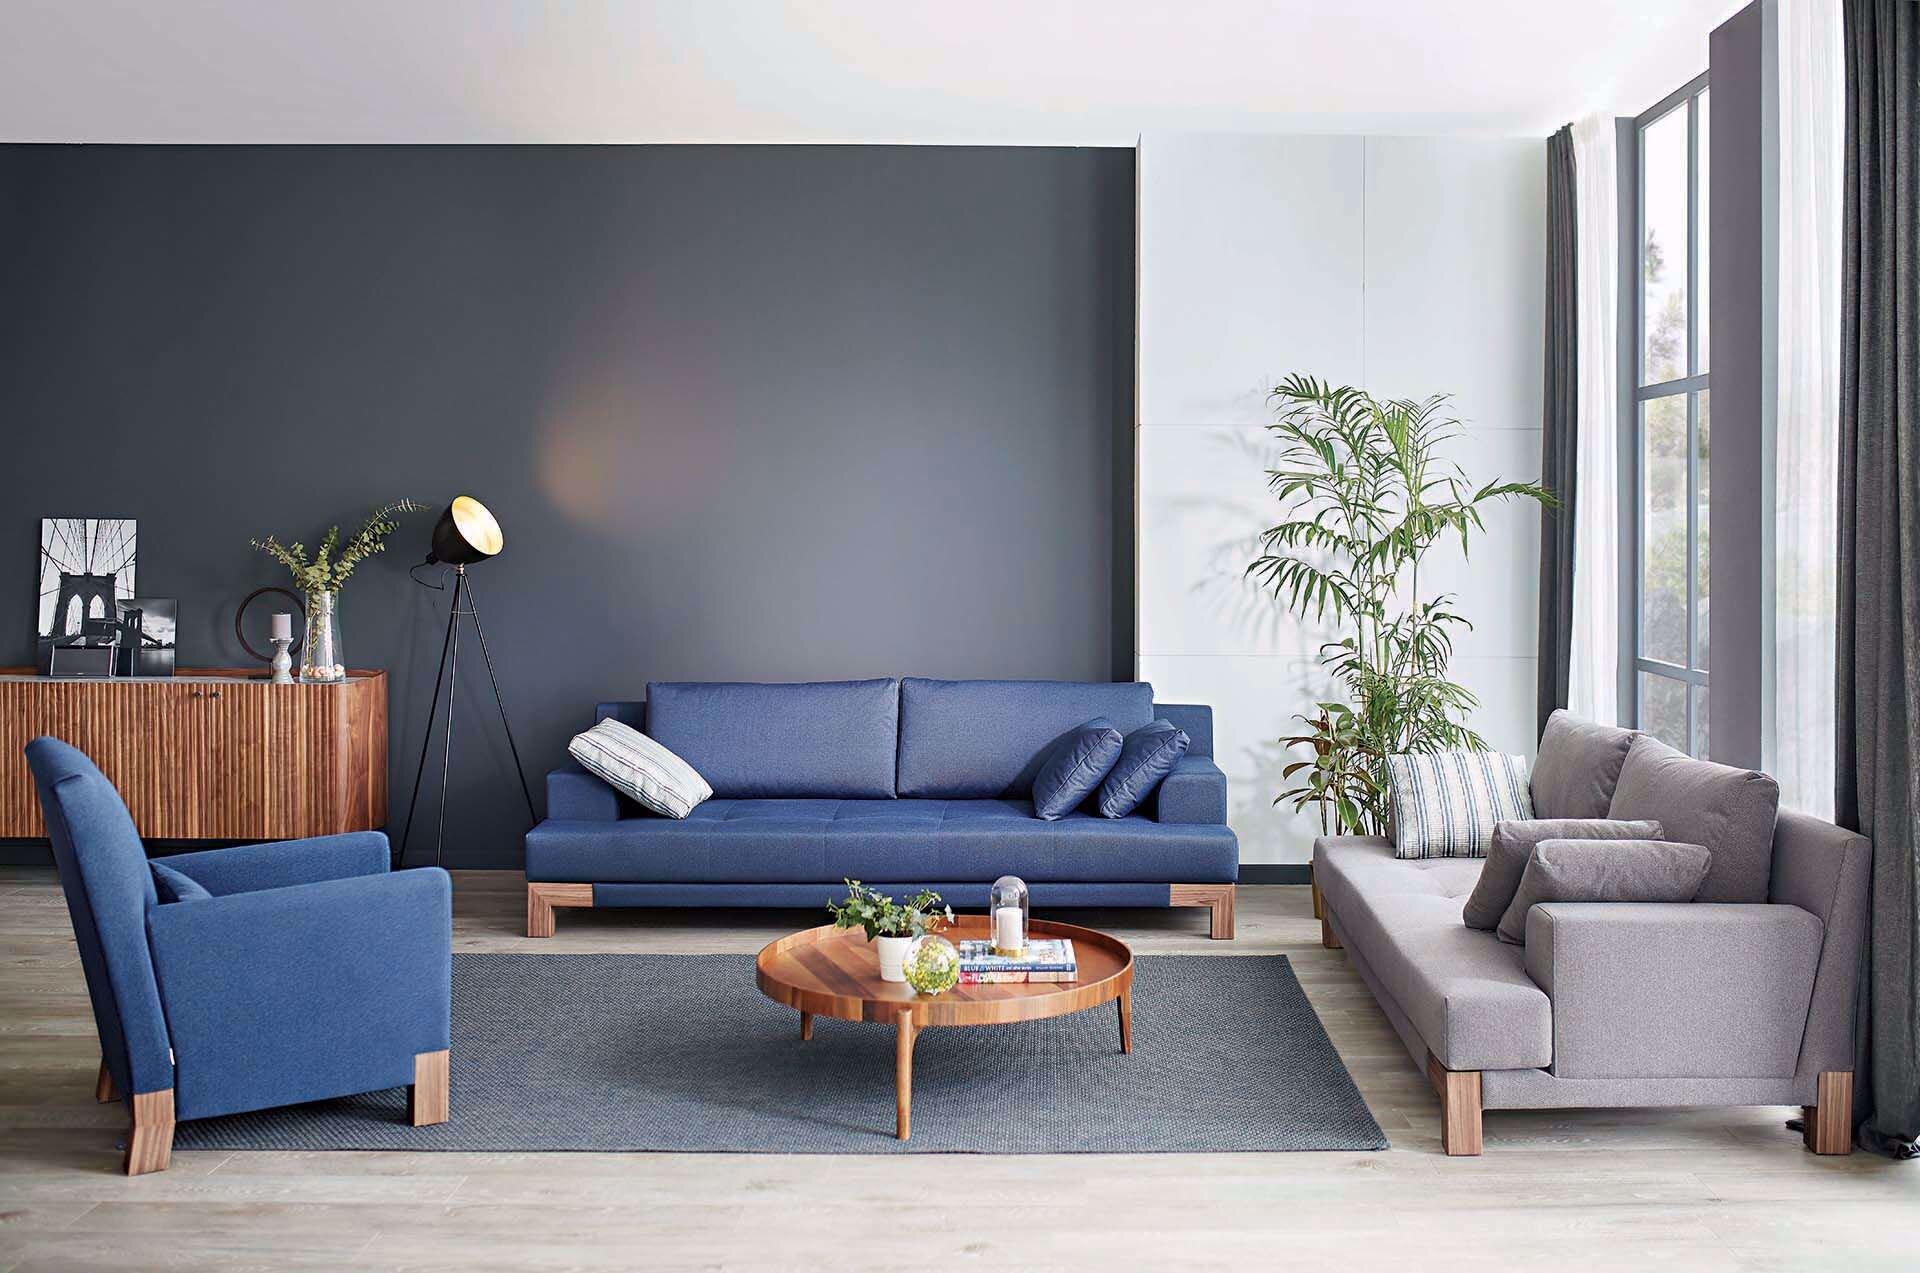 Pria Sofa Set